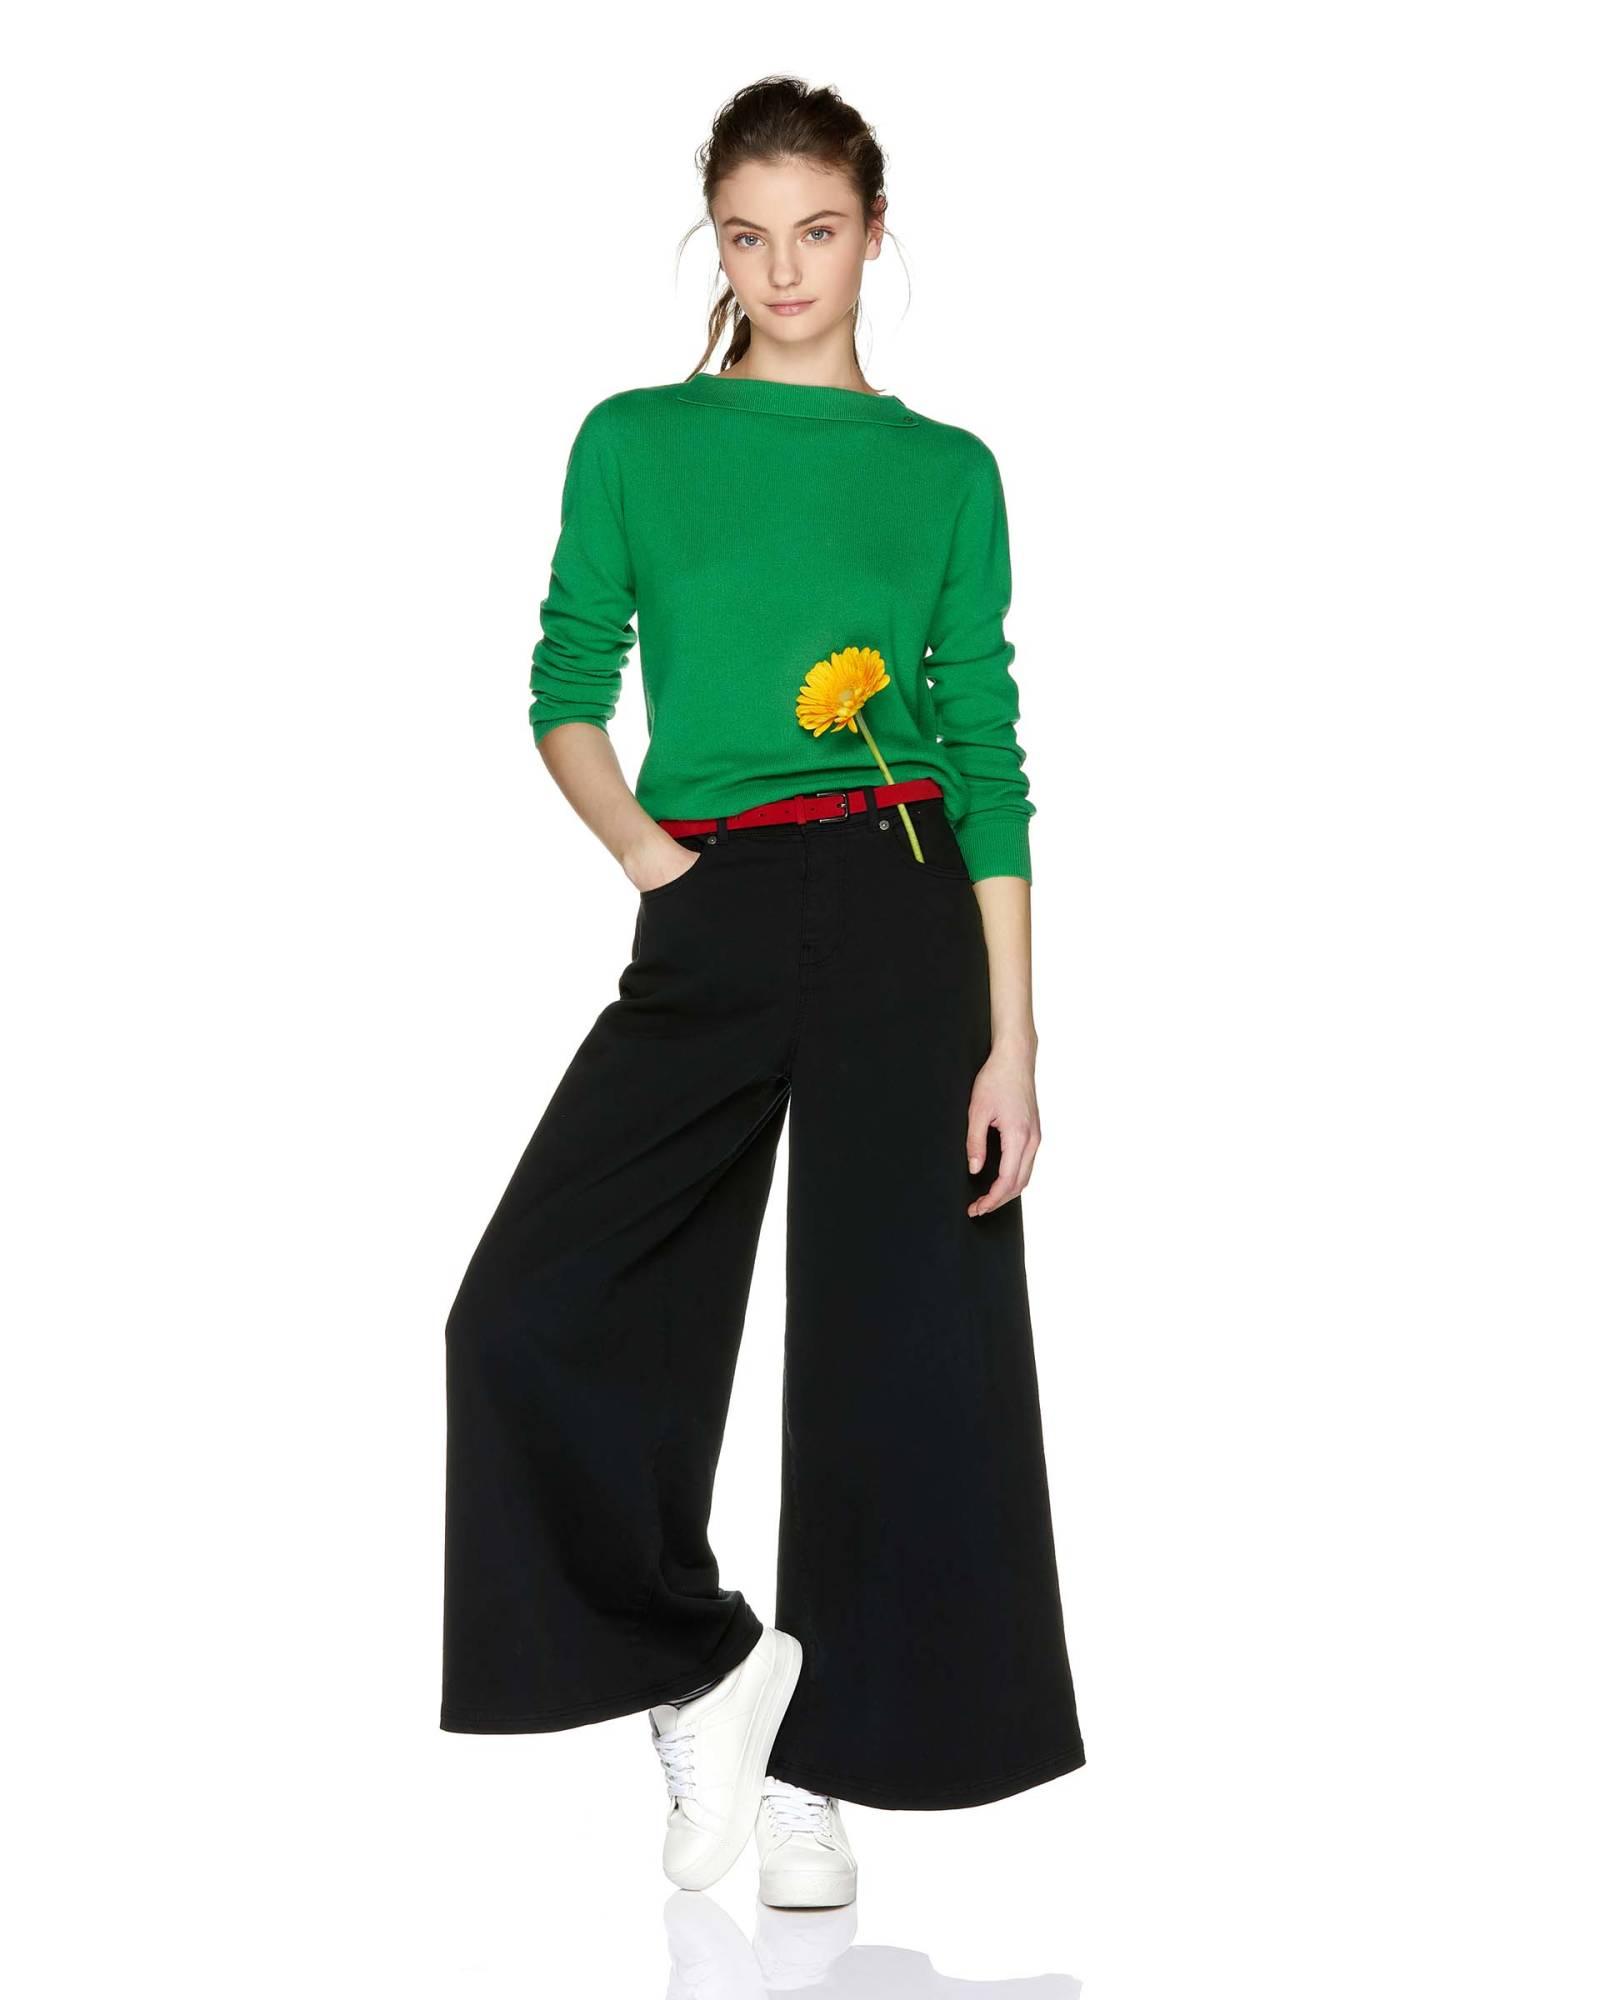 Abbigliamento Donna Nuova Collezione 2019  744061518483